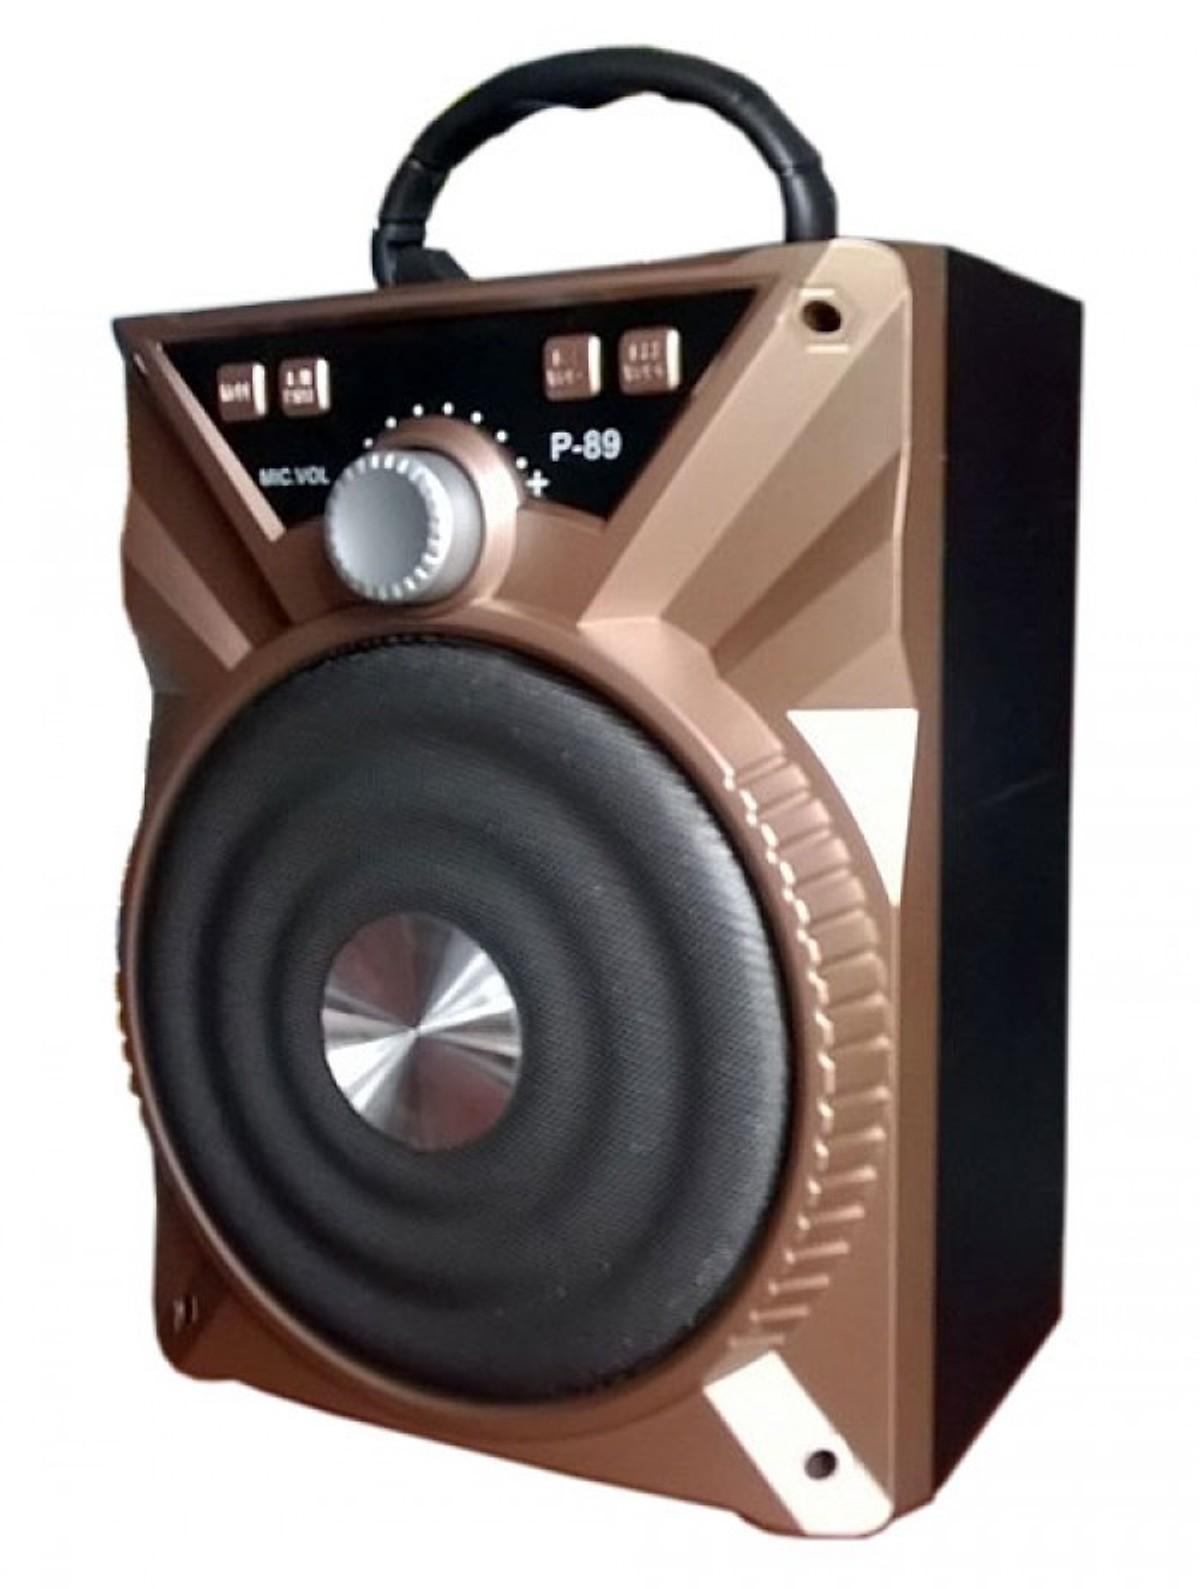 Loa Bluetooth P88/P89 (Kèm Mic) + tặng tai nghe nhét tai TVL69 màu ngẫu nhiên